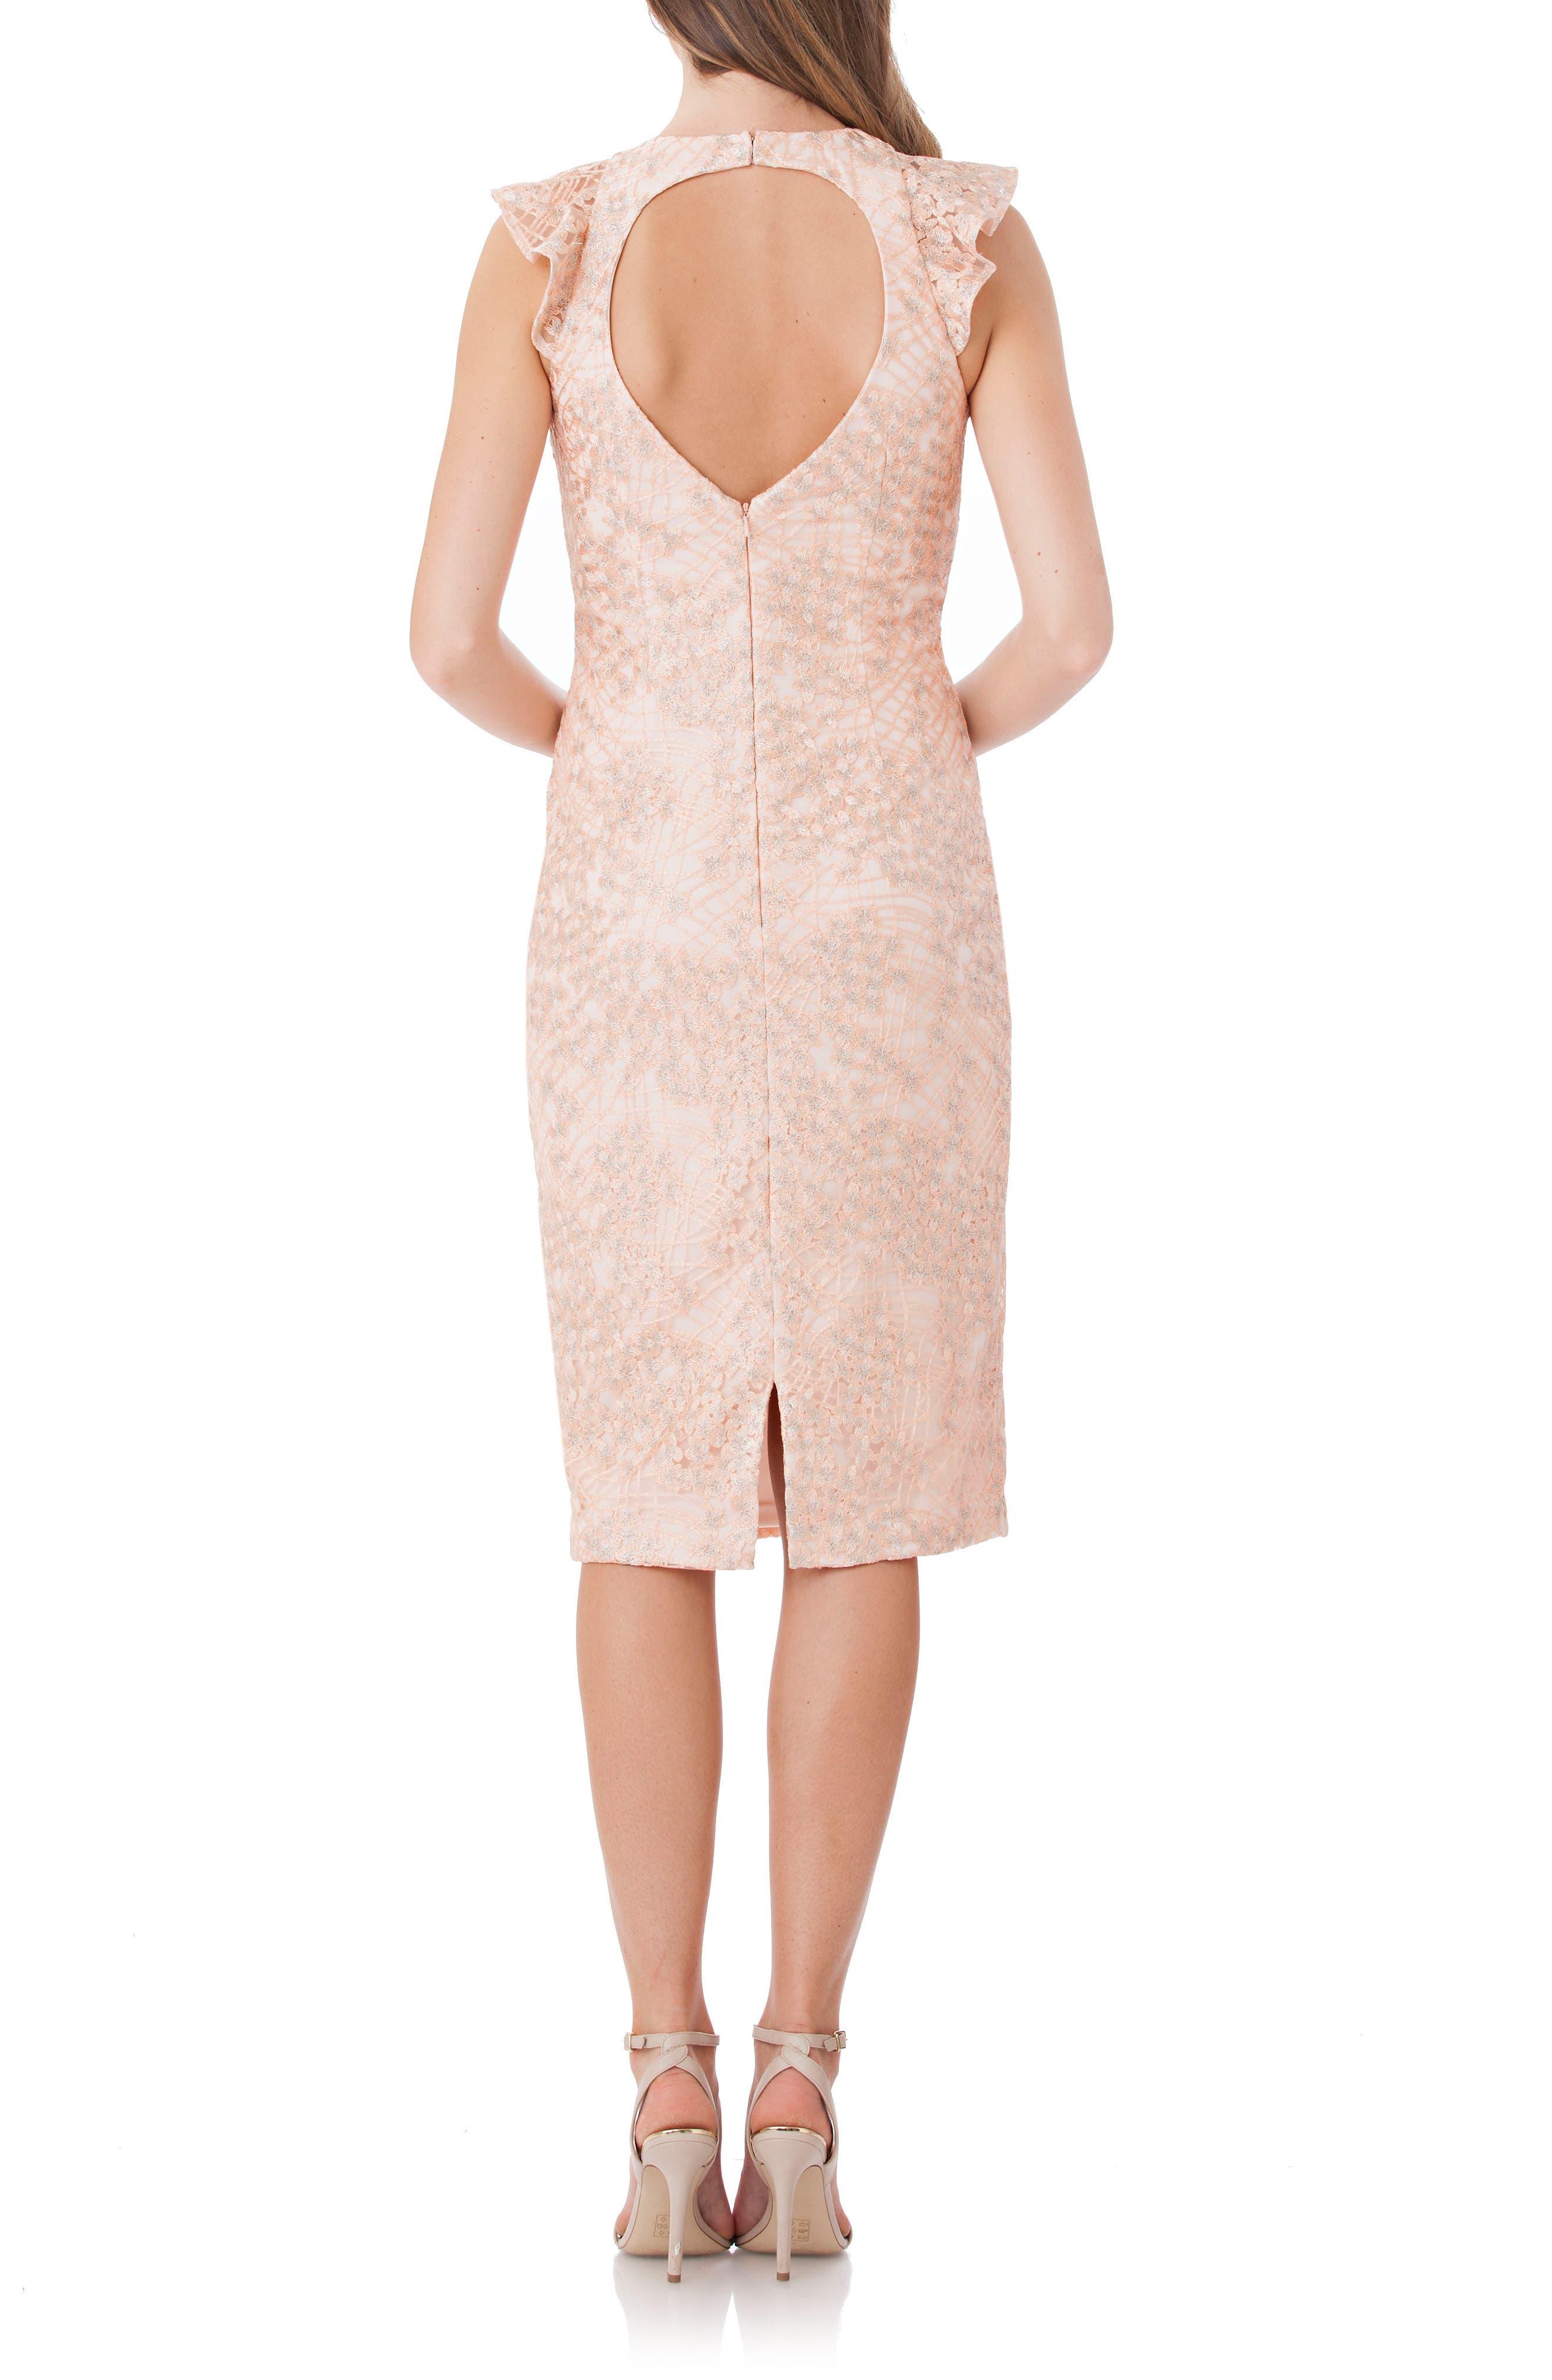 Back Cutout Lace Sheath Dress,                             Alternate thumbnail 2, color,                             Blush/ Sil